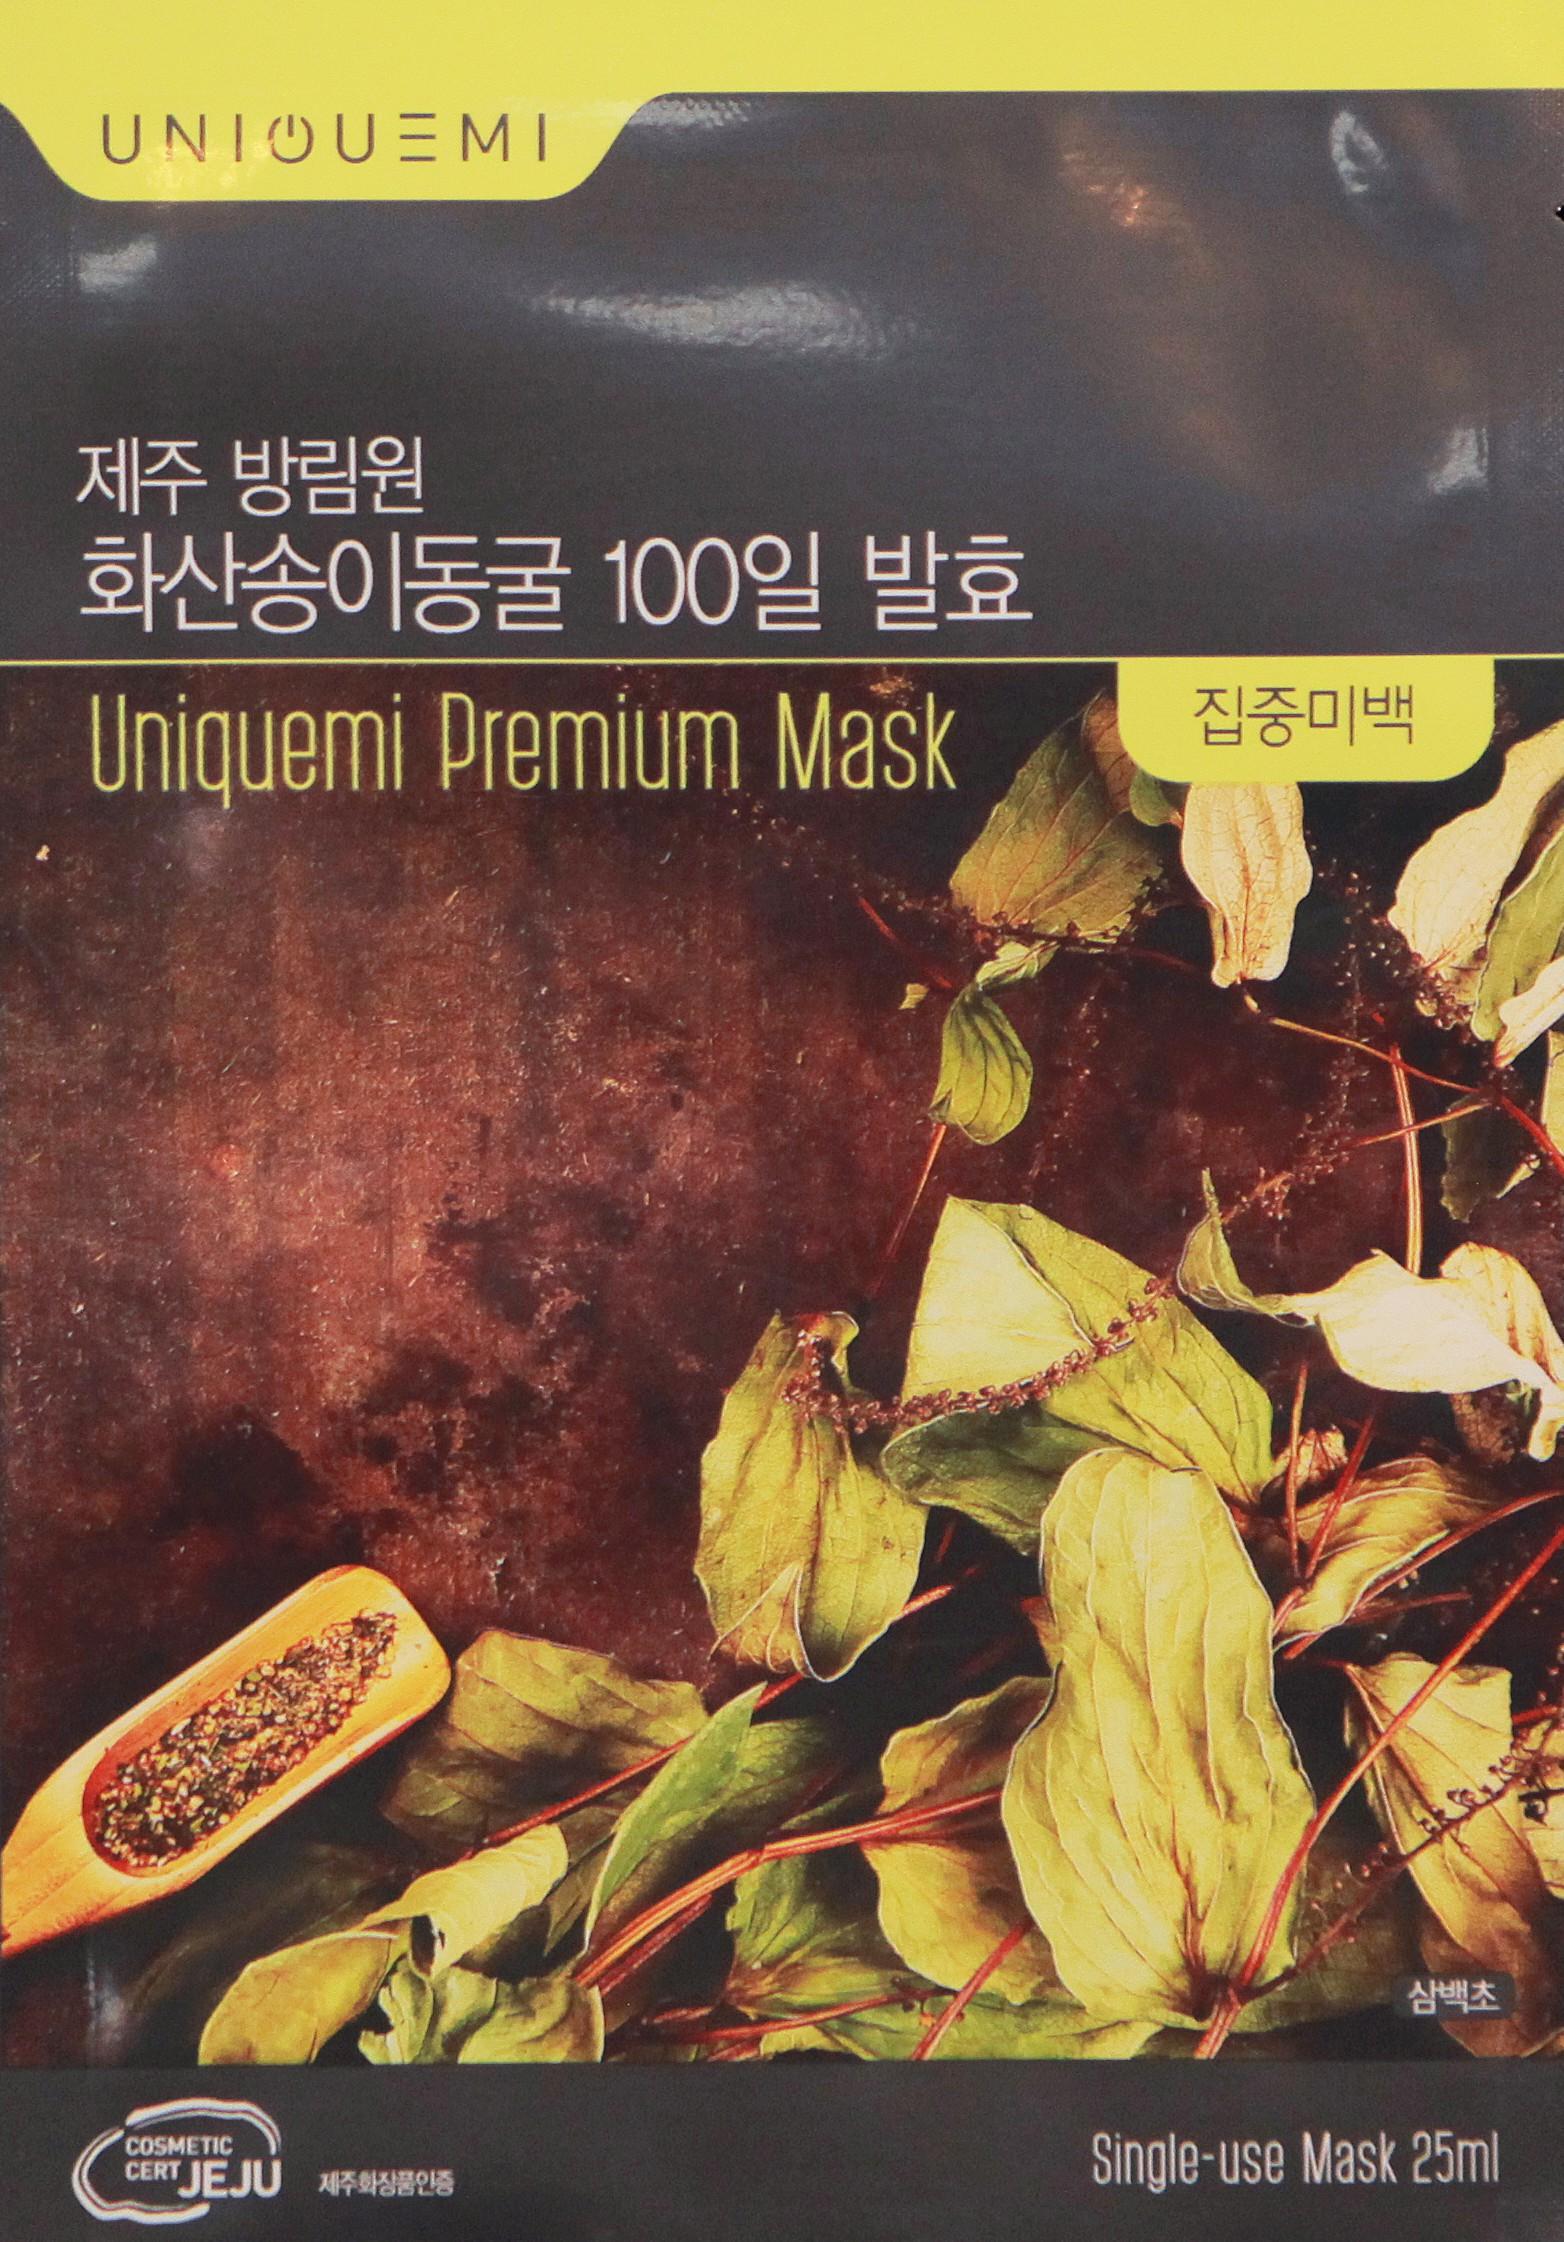 картинка Маска тканевая для лица (отбеливающая)/uniquemi premium mask от магазина Одежда+